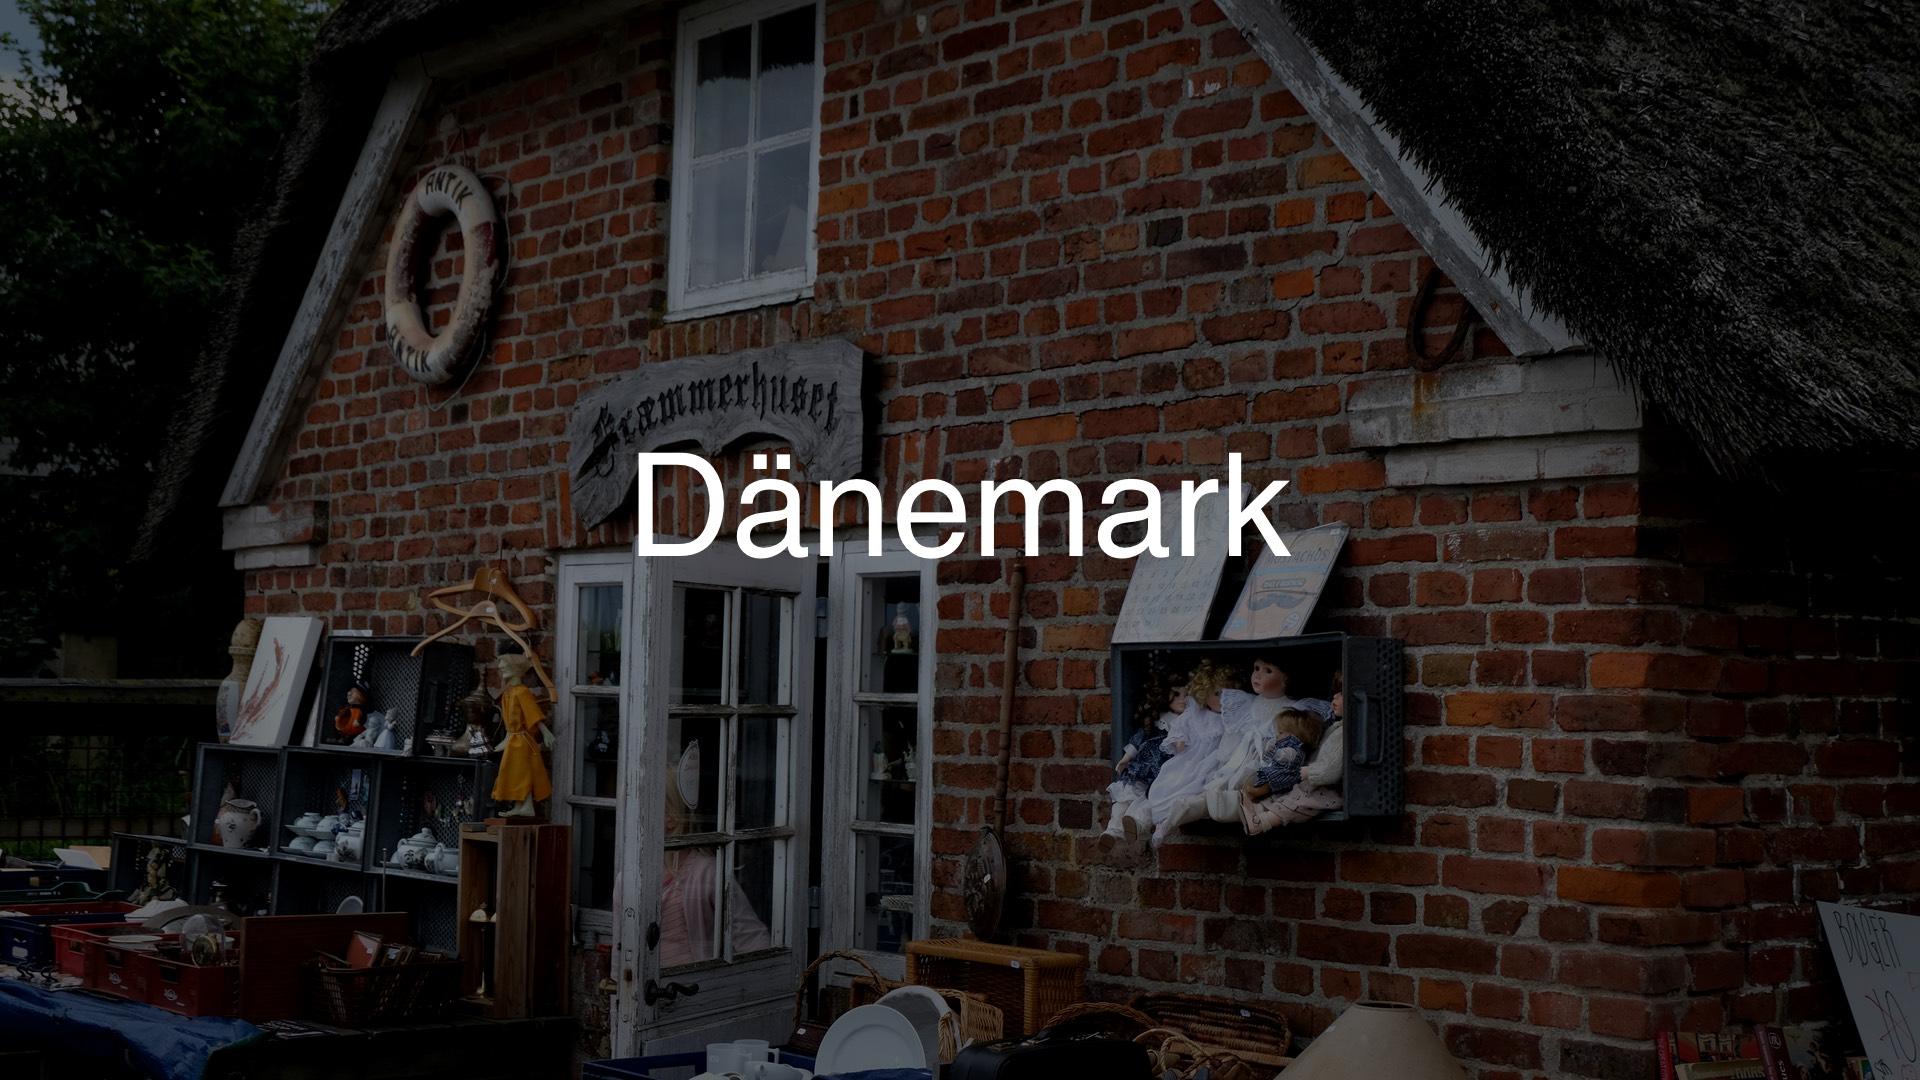 Dänemark Header 1920×1080